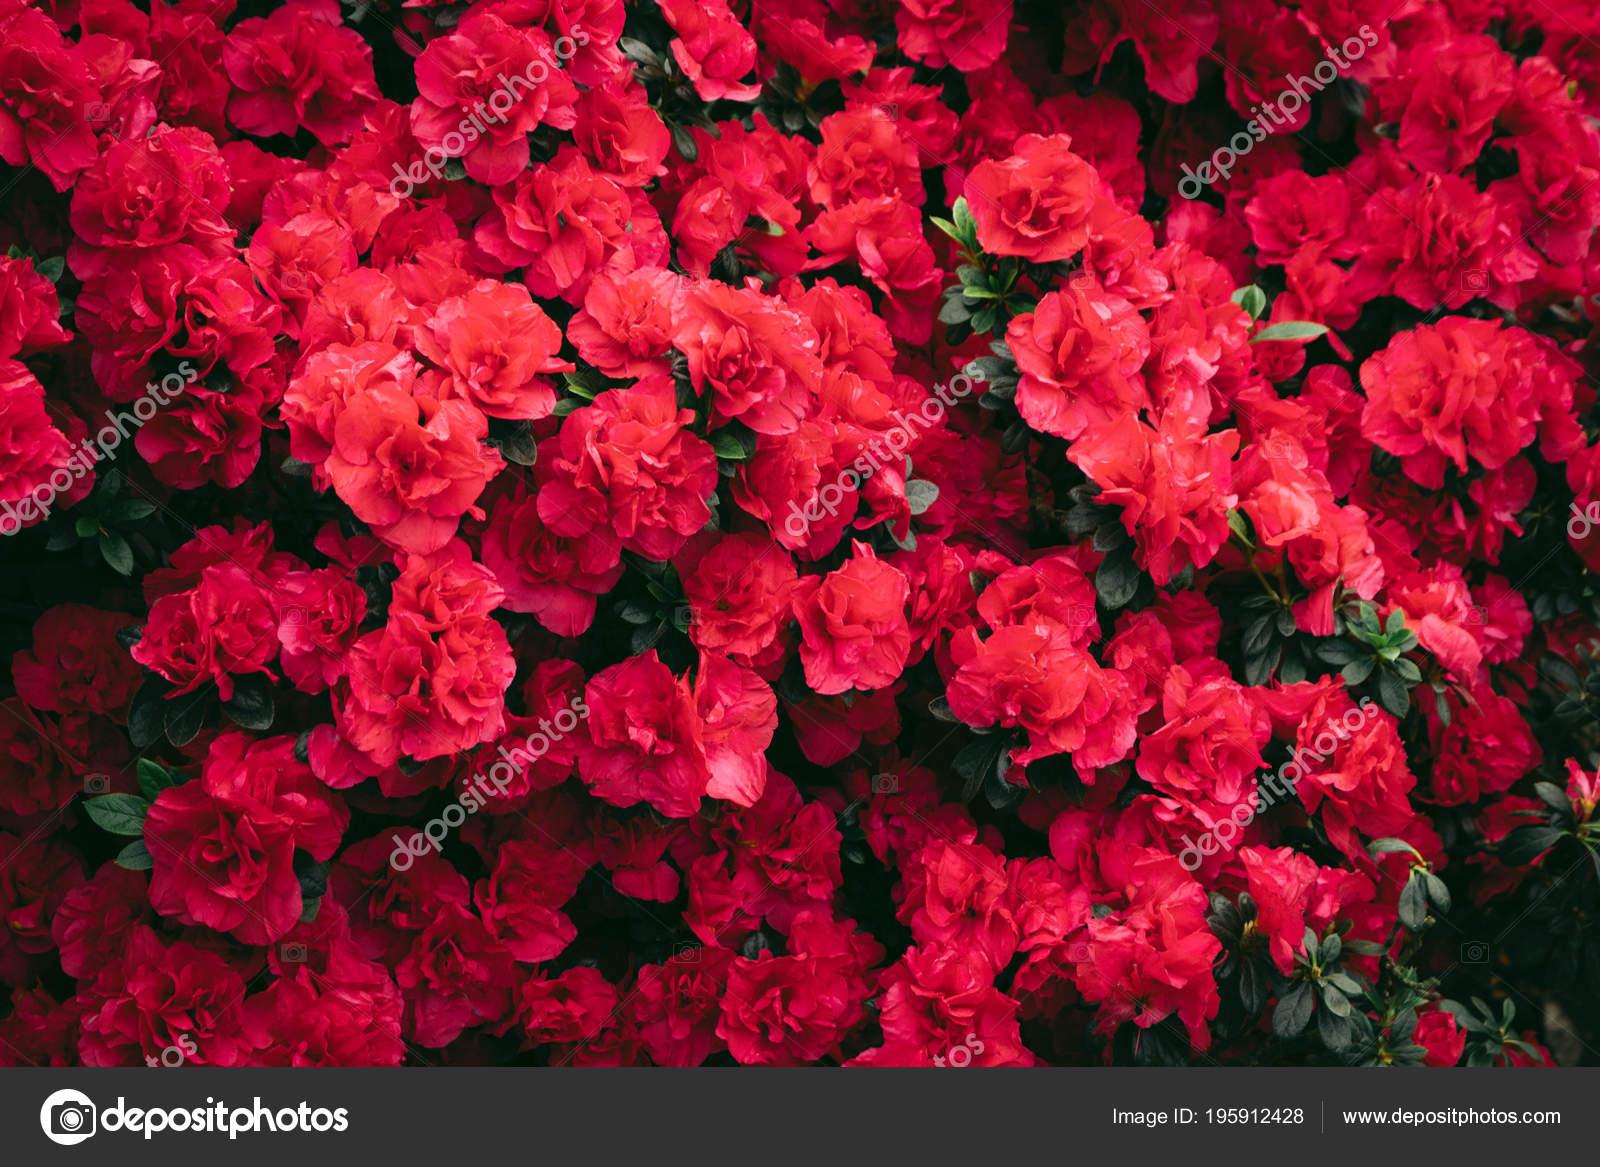 Fondos De Pantalla De Flores Hermosas Para Fondo Celular: Fondos De Pantalla De Flores Rosas